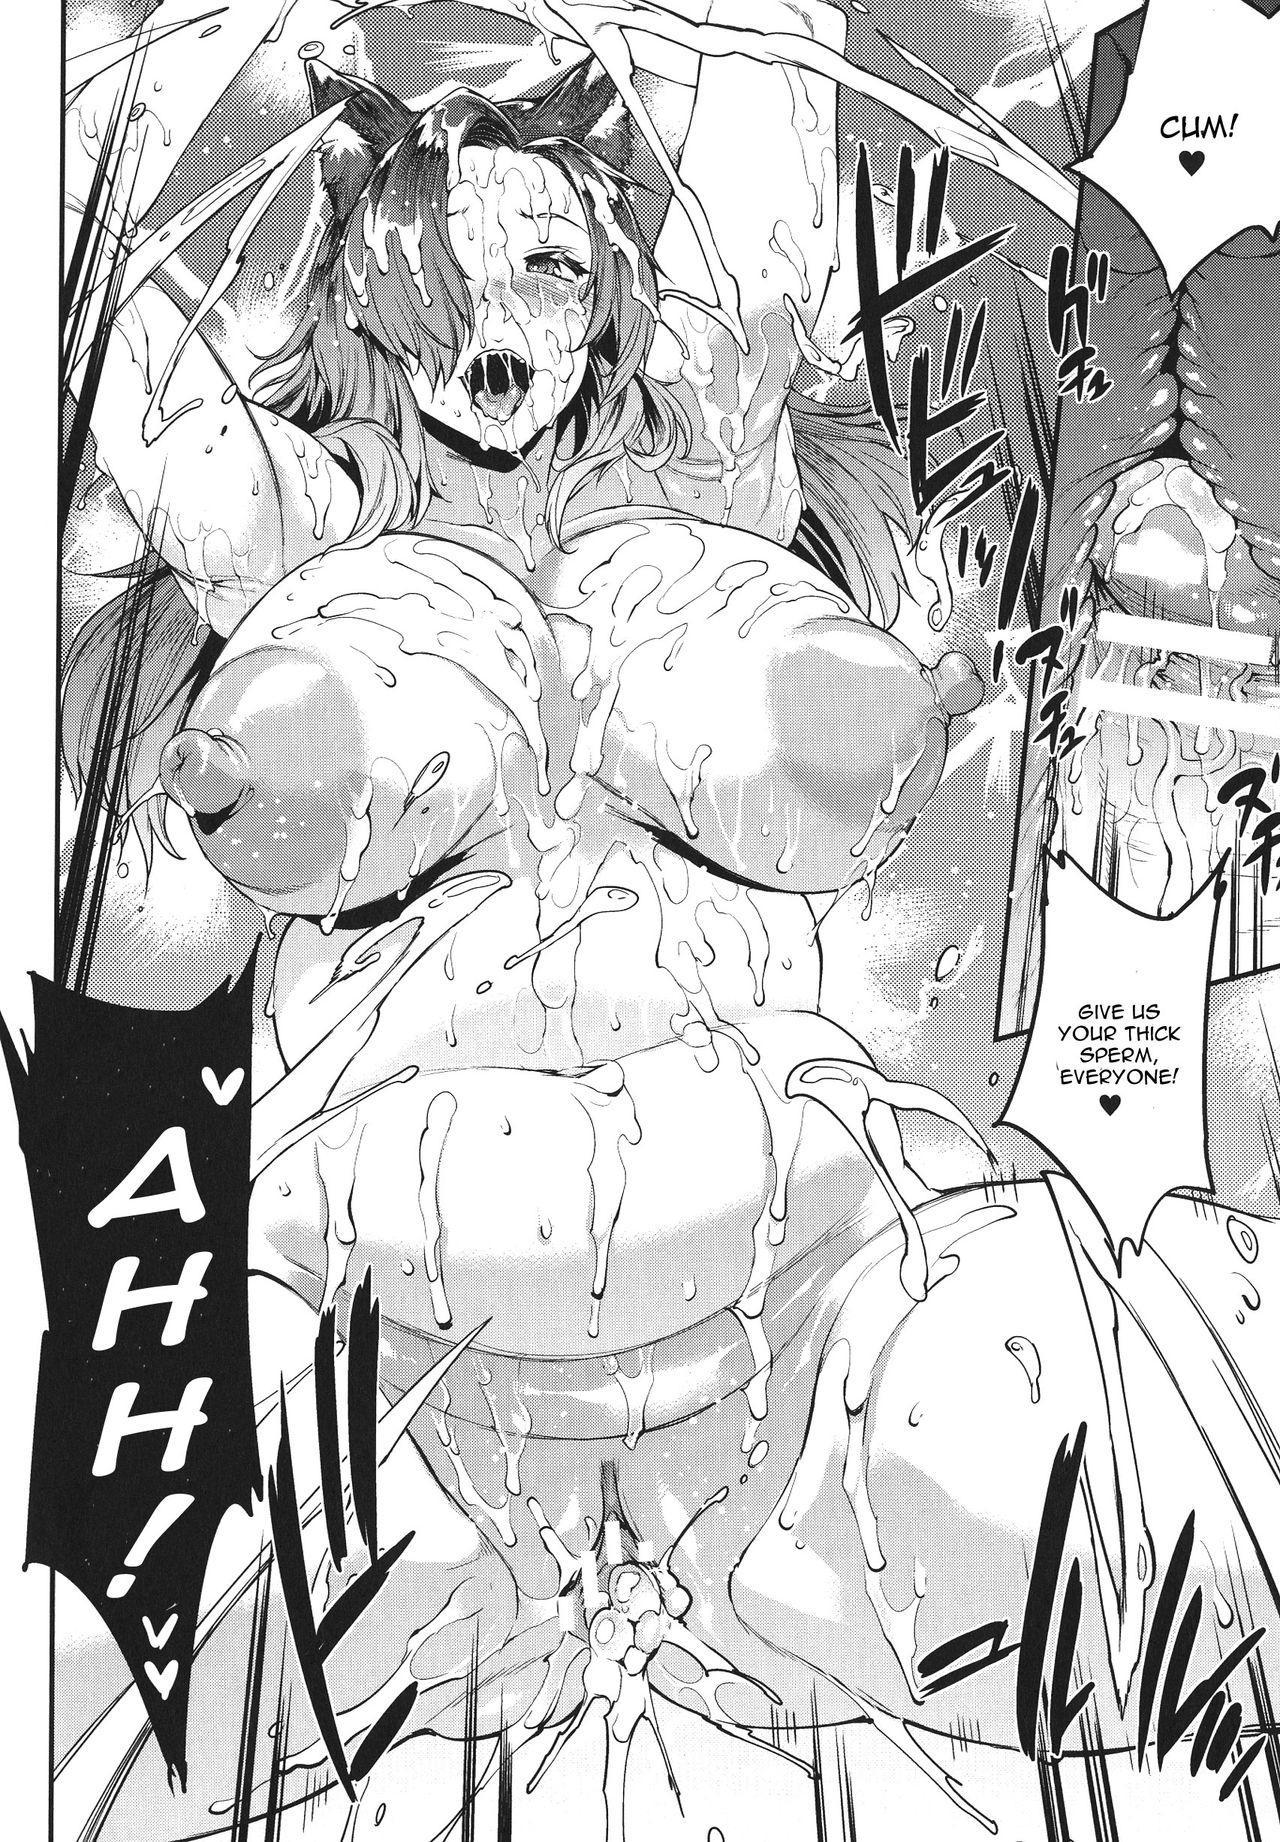 [Erect Sawaru] Raikou Shinki Igis Magia -PANDRA saga 3rd ignition- Ch. 1-6 [English] [CGrascal] 152